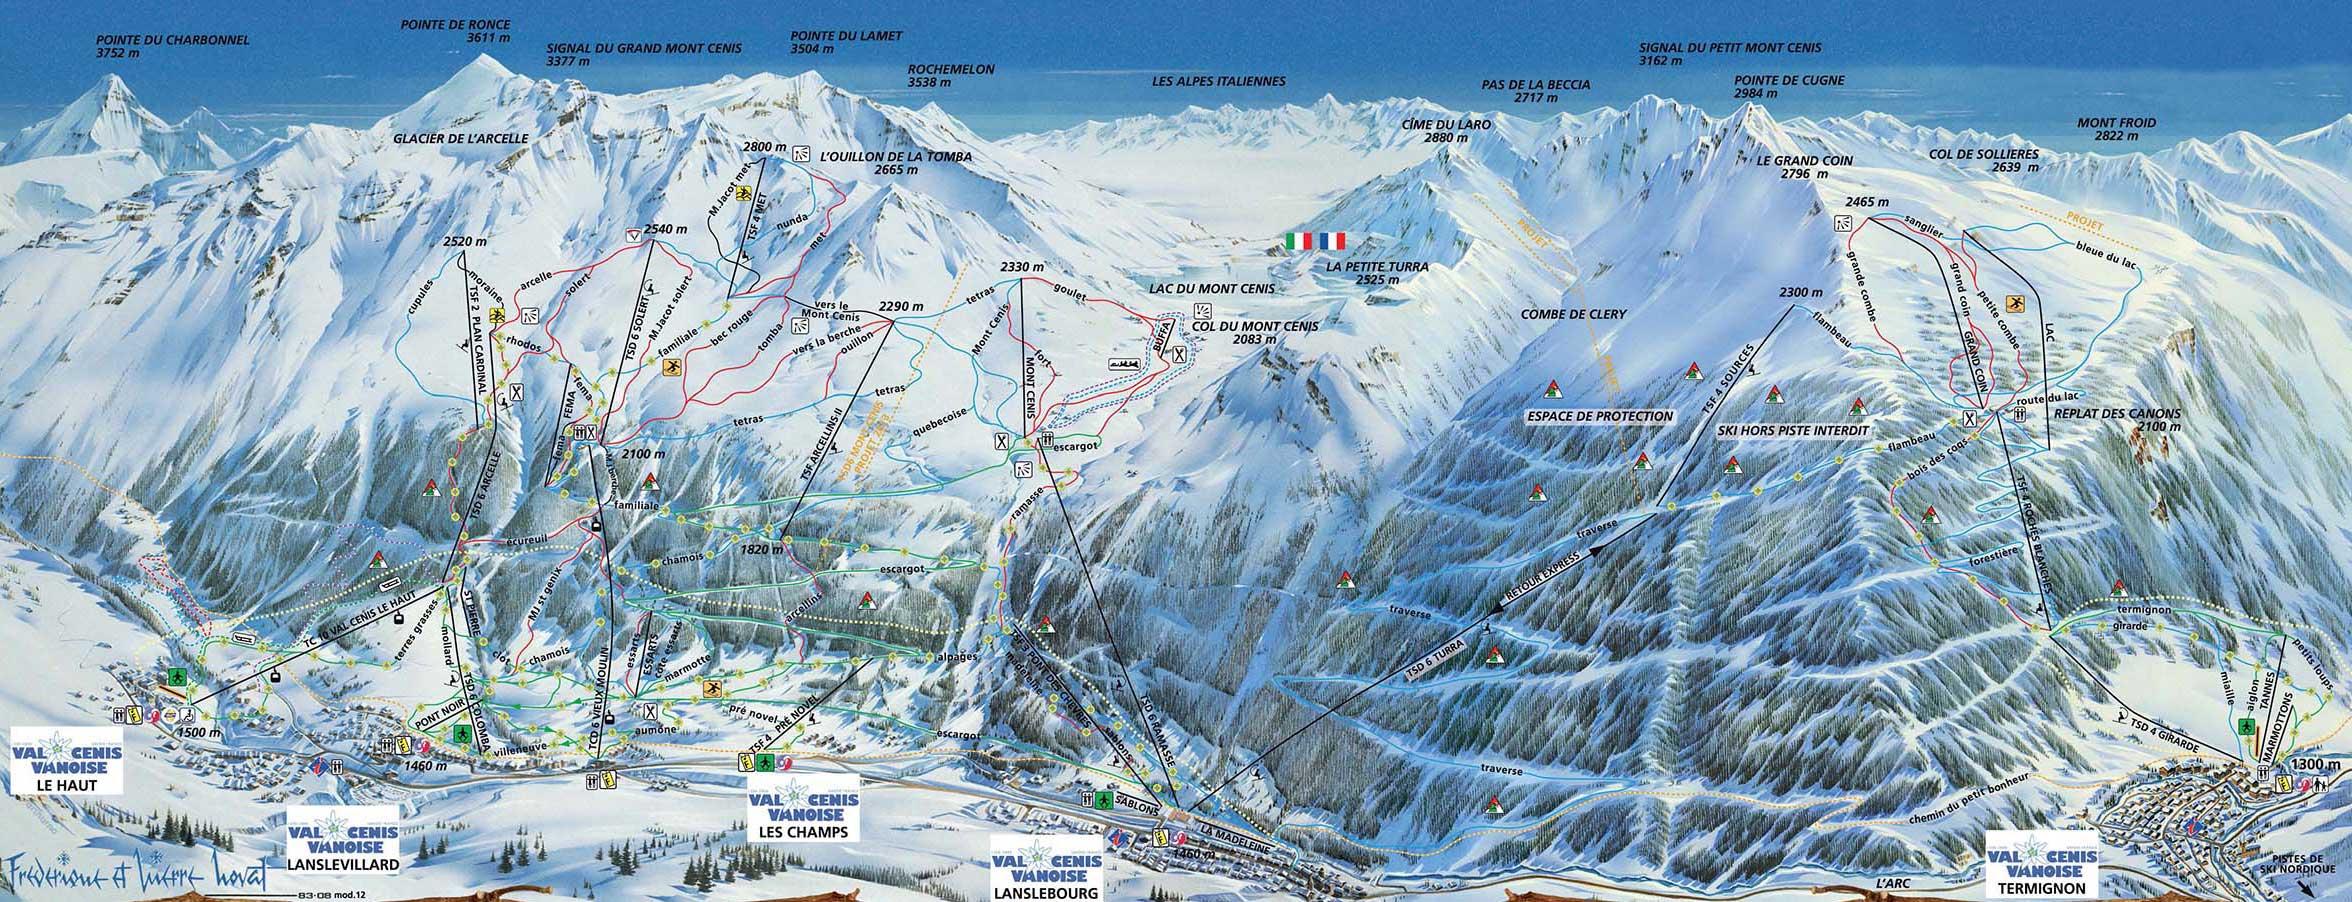 Val Cenis plan des pistes